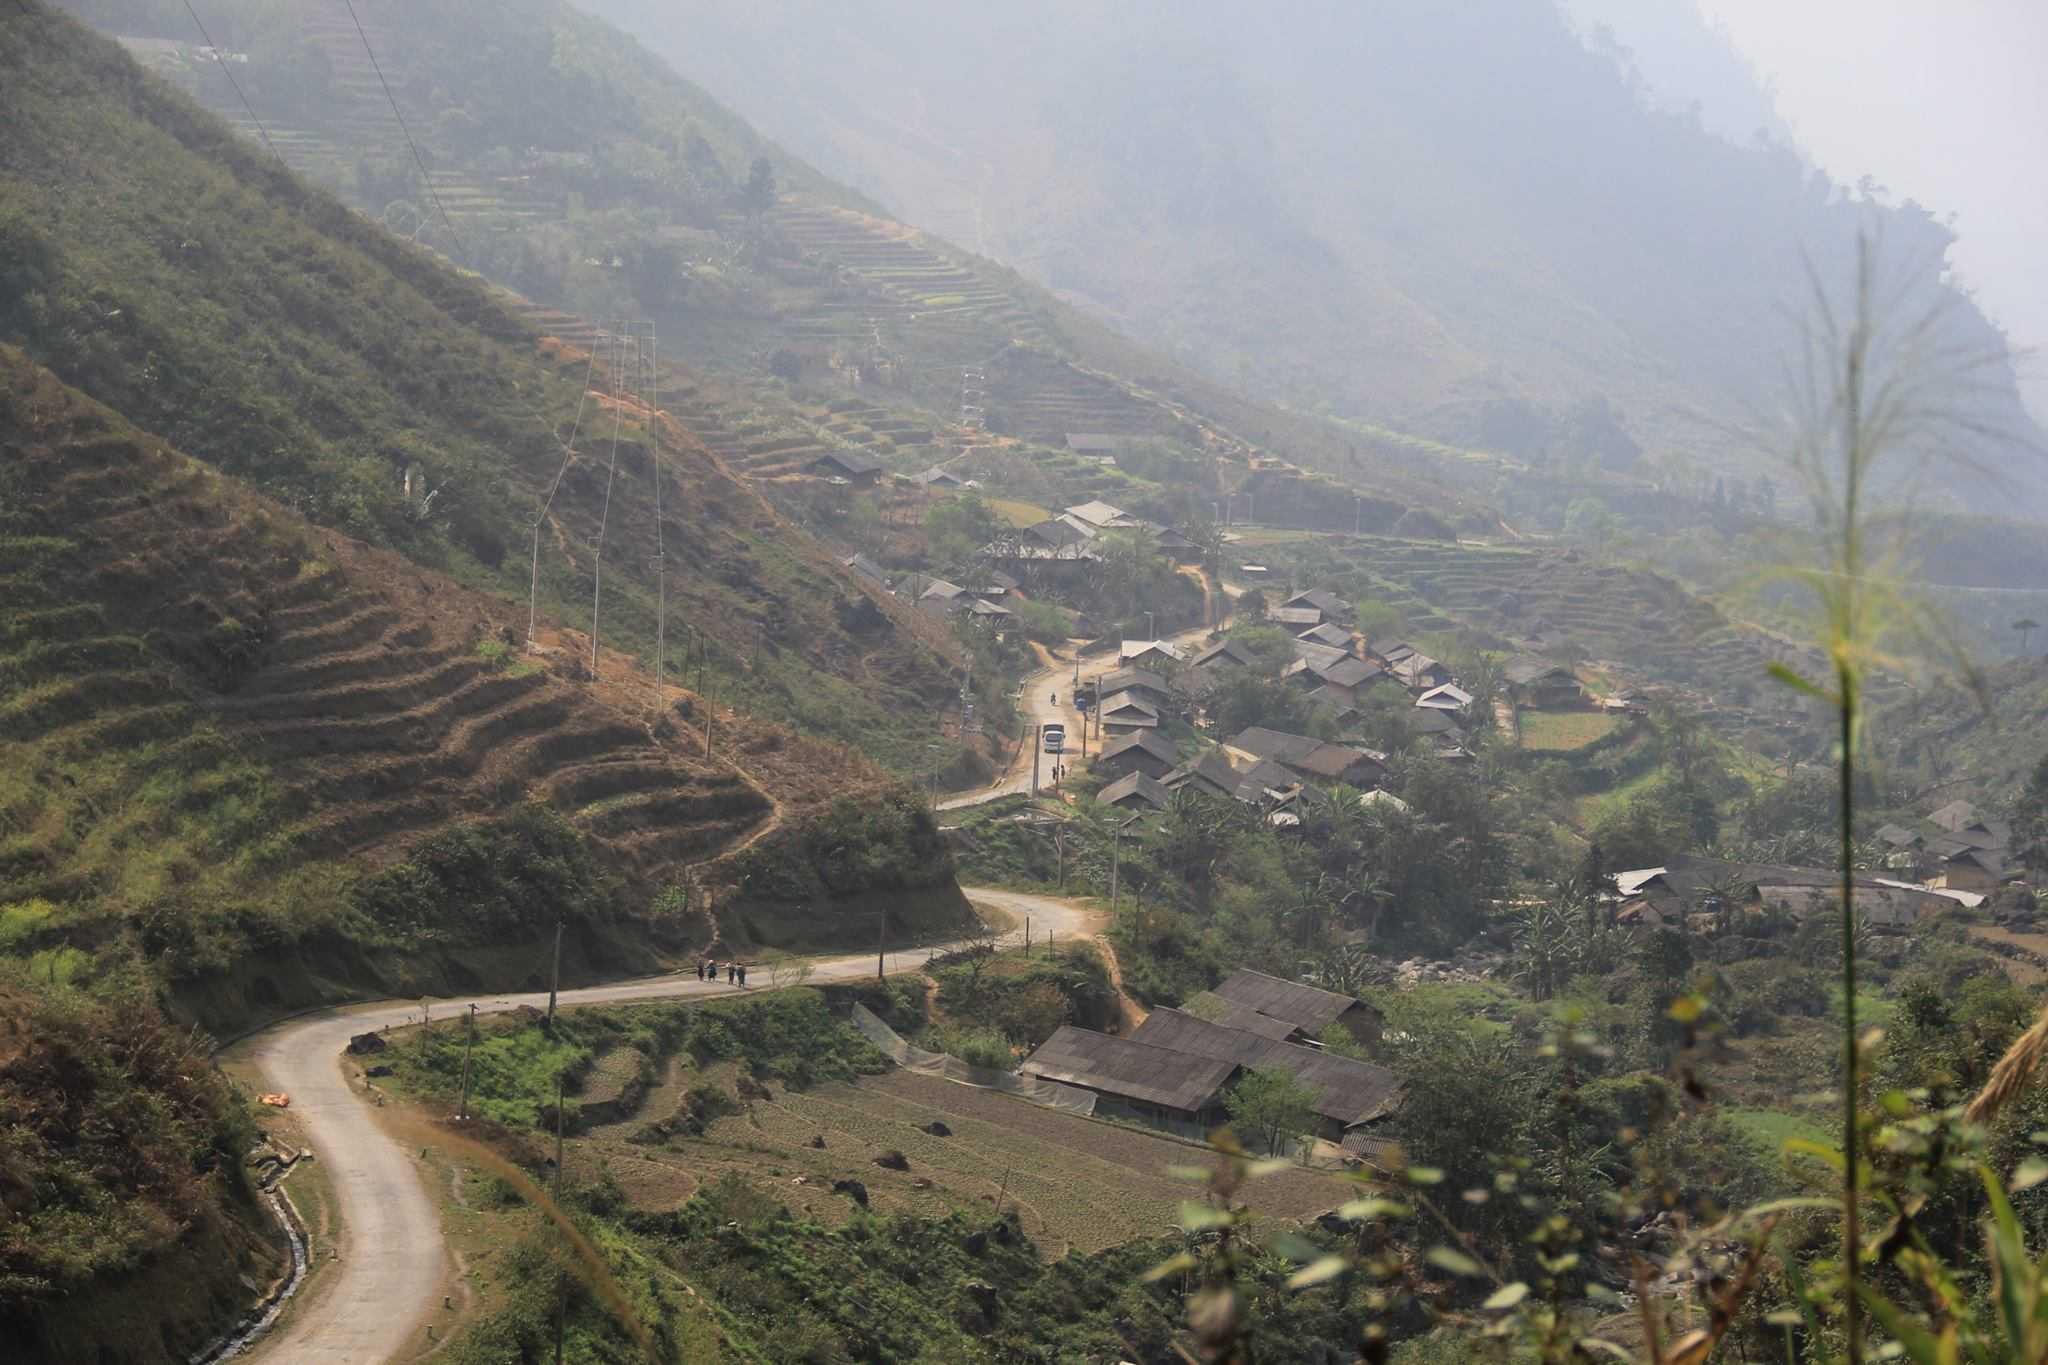 Nơi bé Lúa sinh sống thuộc Bản Giàng Trù A, xã Du Già, huyện Yên Minh, tỉnh Hà Giang. Bản Giàng Trù A là một trong những bản nghèo nhất, nằm ở vị trí cao nhất và cũng thuộc loại khó khăn nhất của xã Du Già. Từ bản đi xuống đến trung tâm xã phải mất khoảng 9 km.